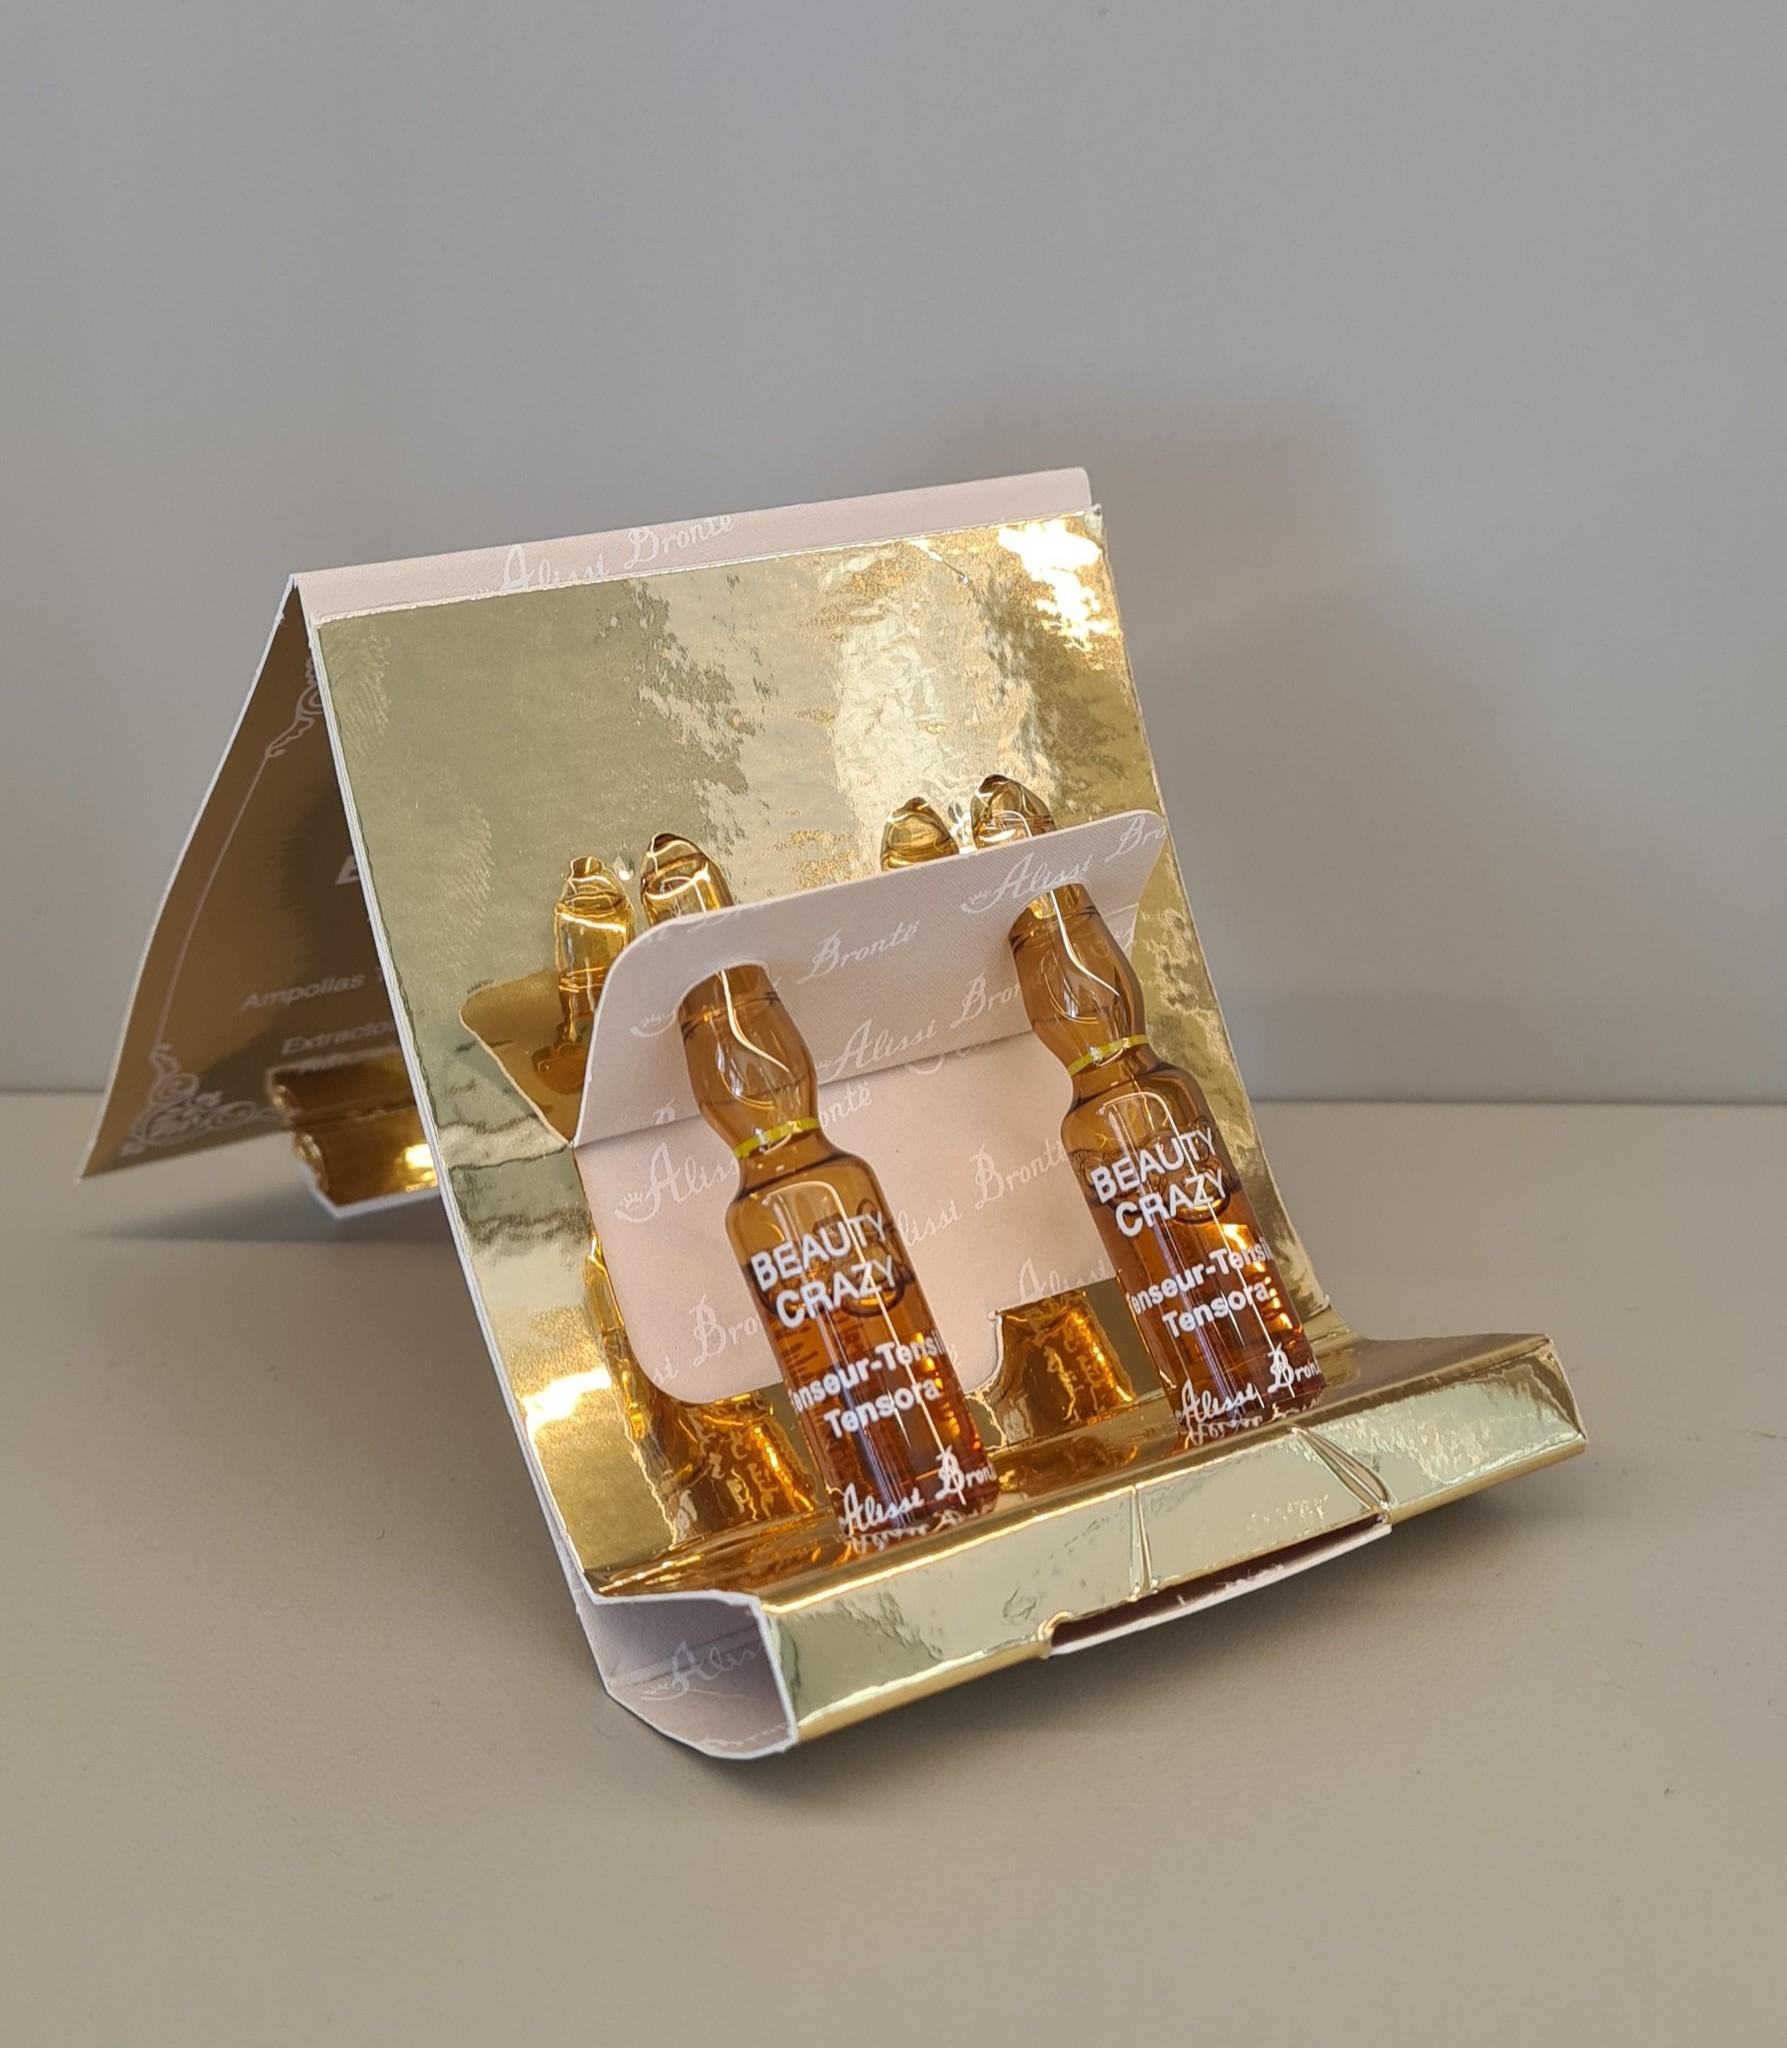 Alissi Brontë Beauty Crazy Ampoules 2 x 2 ml - Tensile Beauty